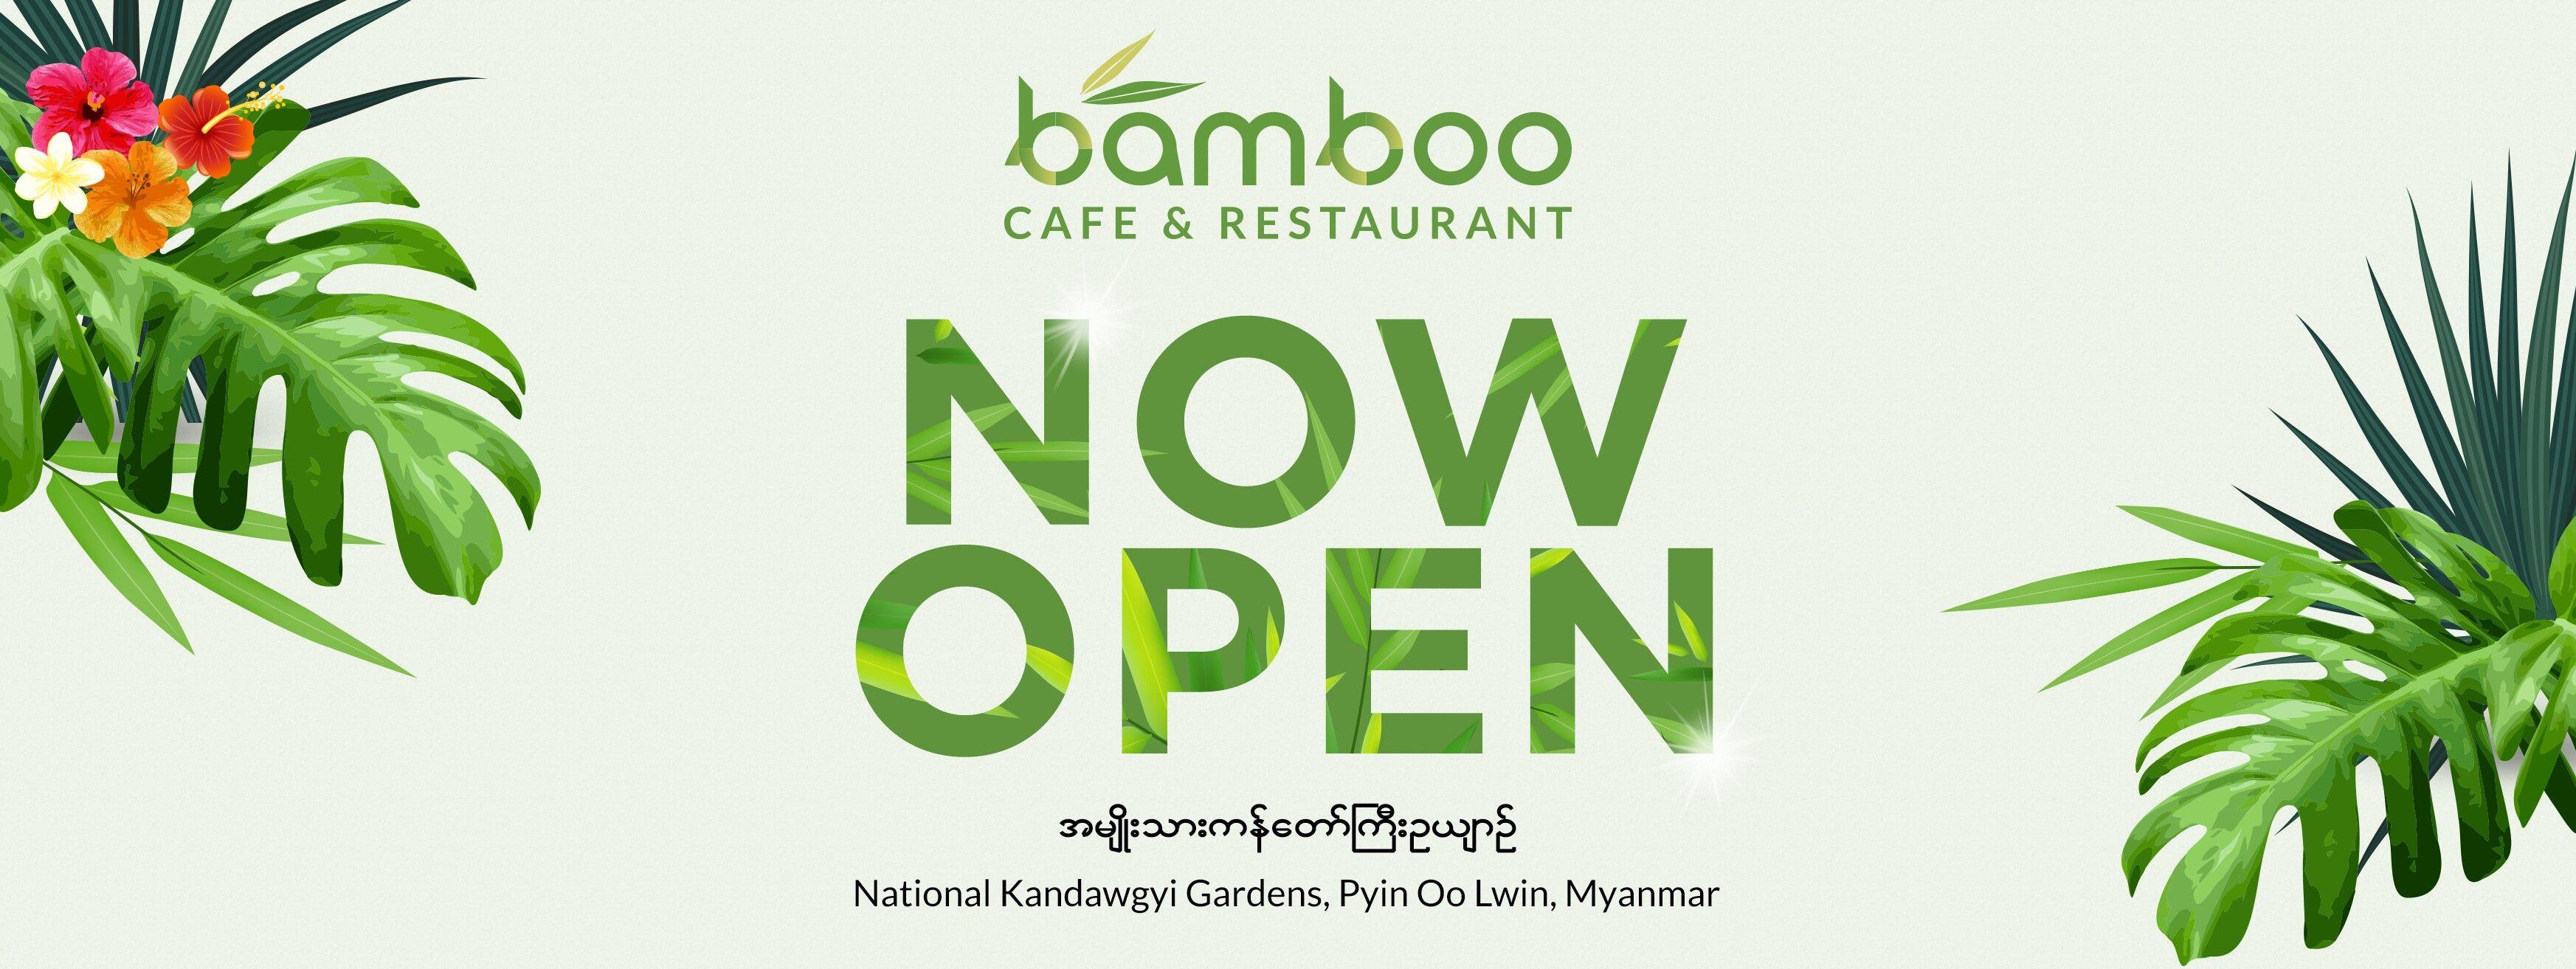 bamboo cafe & restaurant social advertising designdm seven